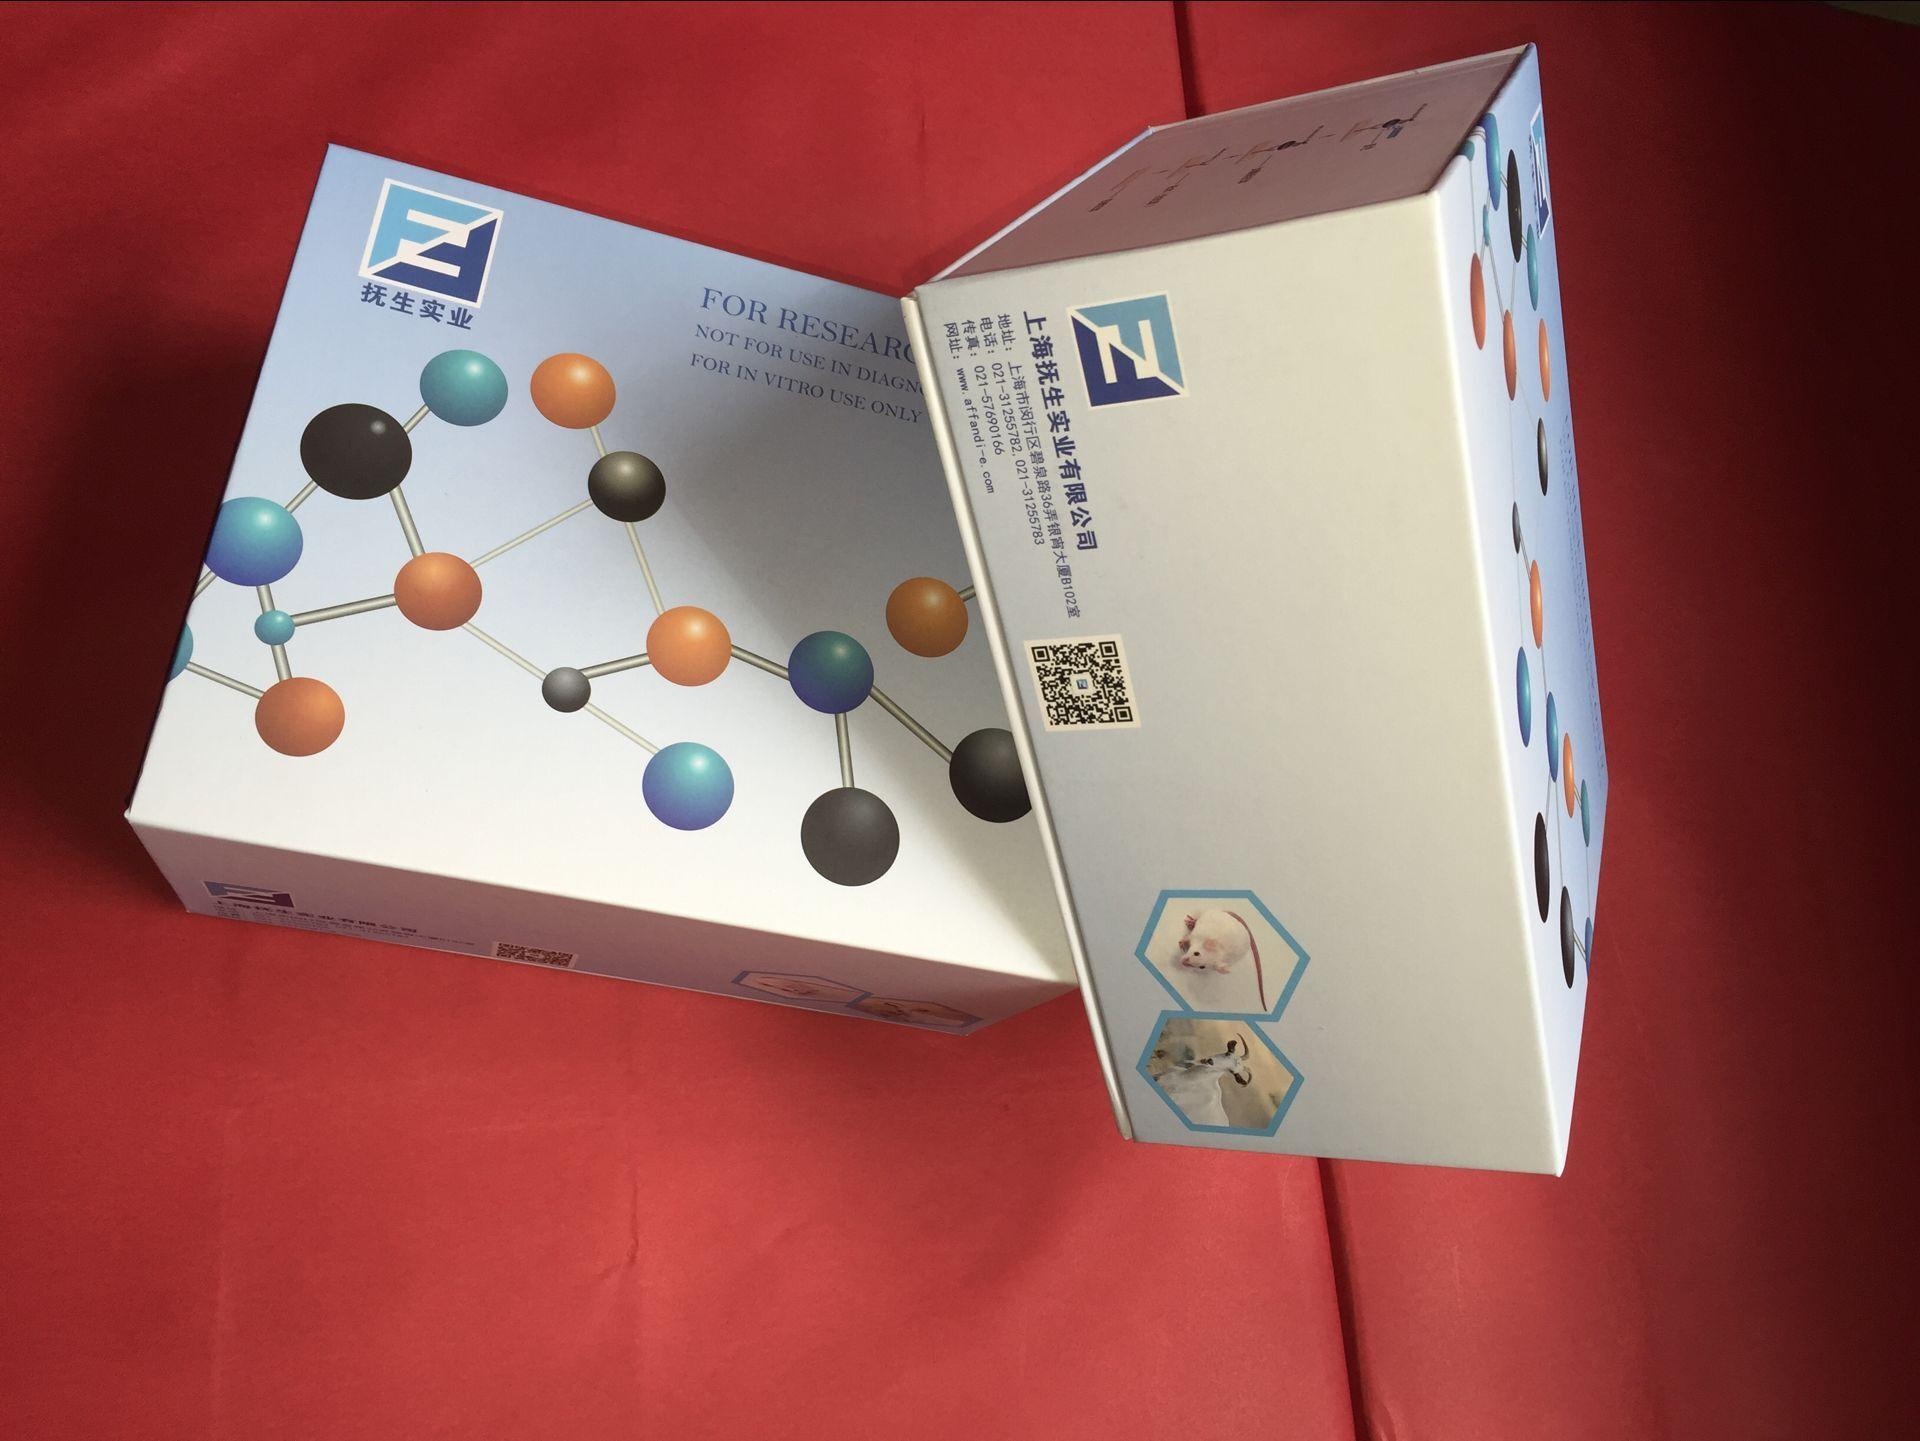 小鼠缺血修饰白蛋白(IMA)elisa检测试剂盒图片